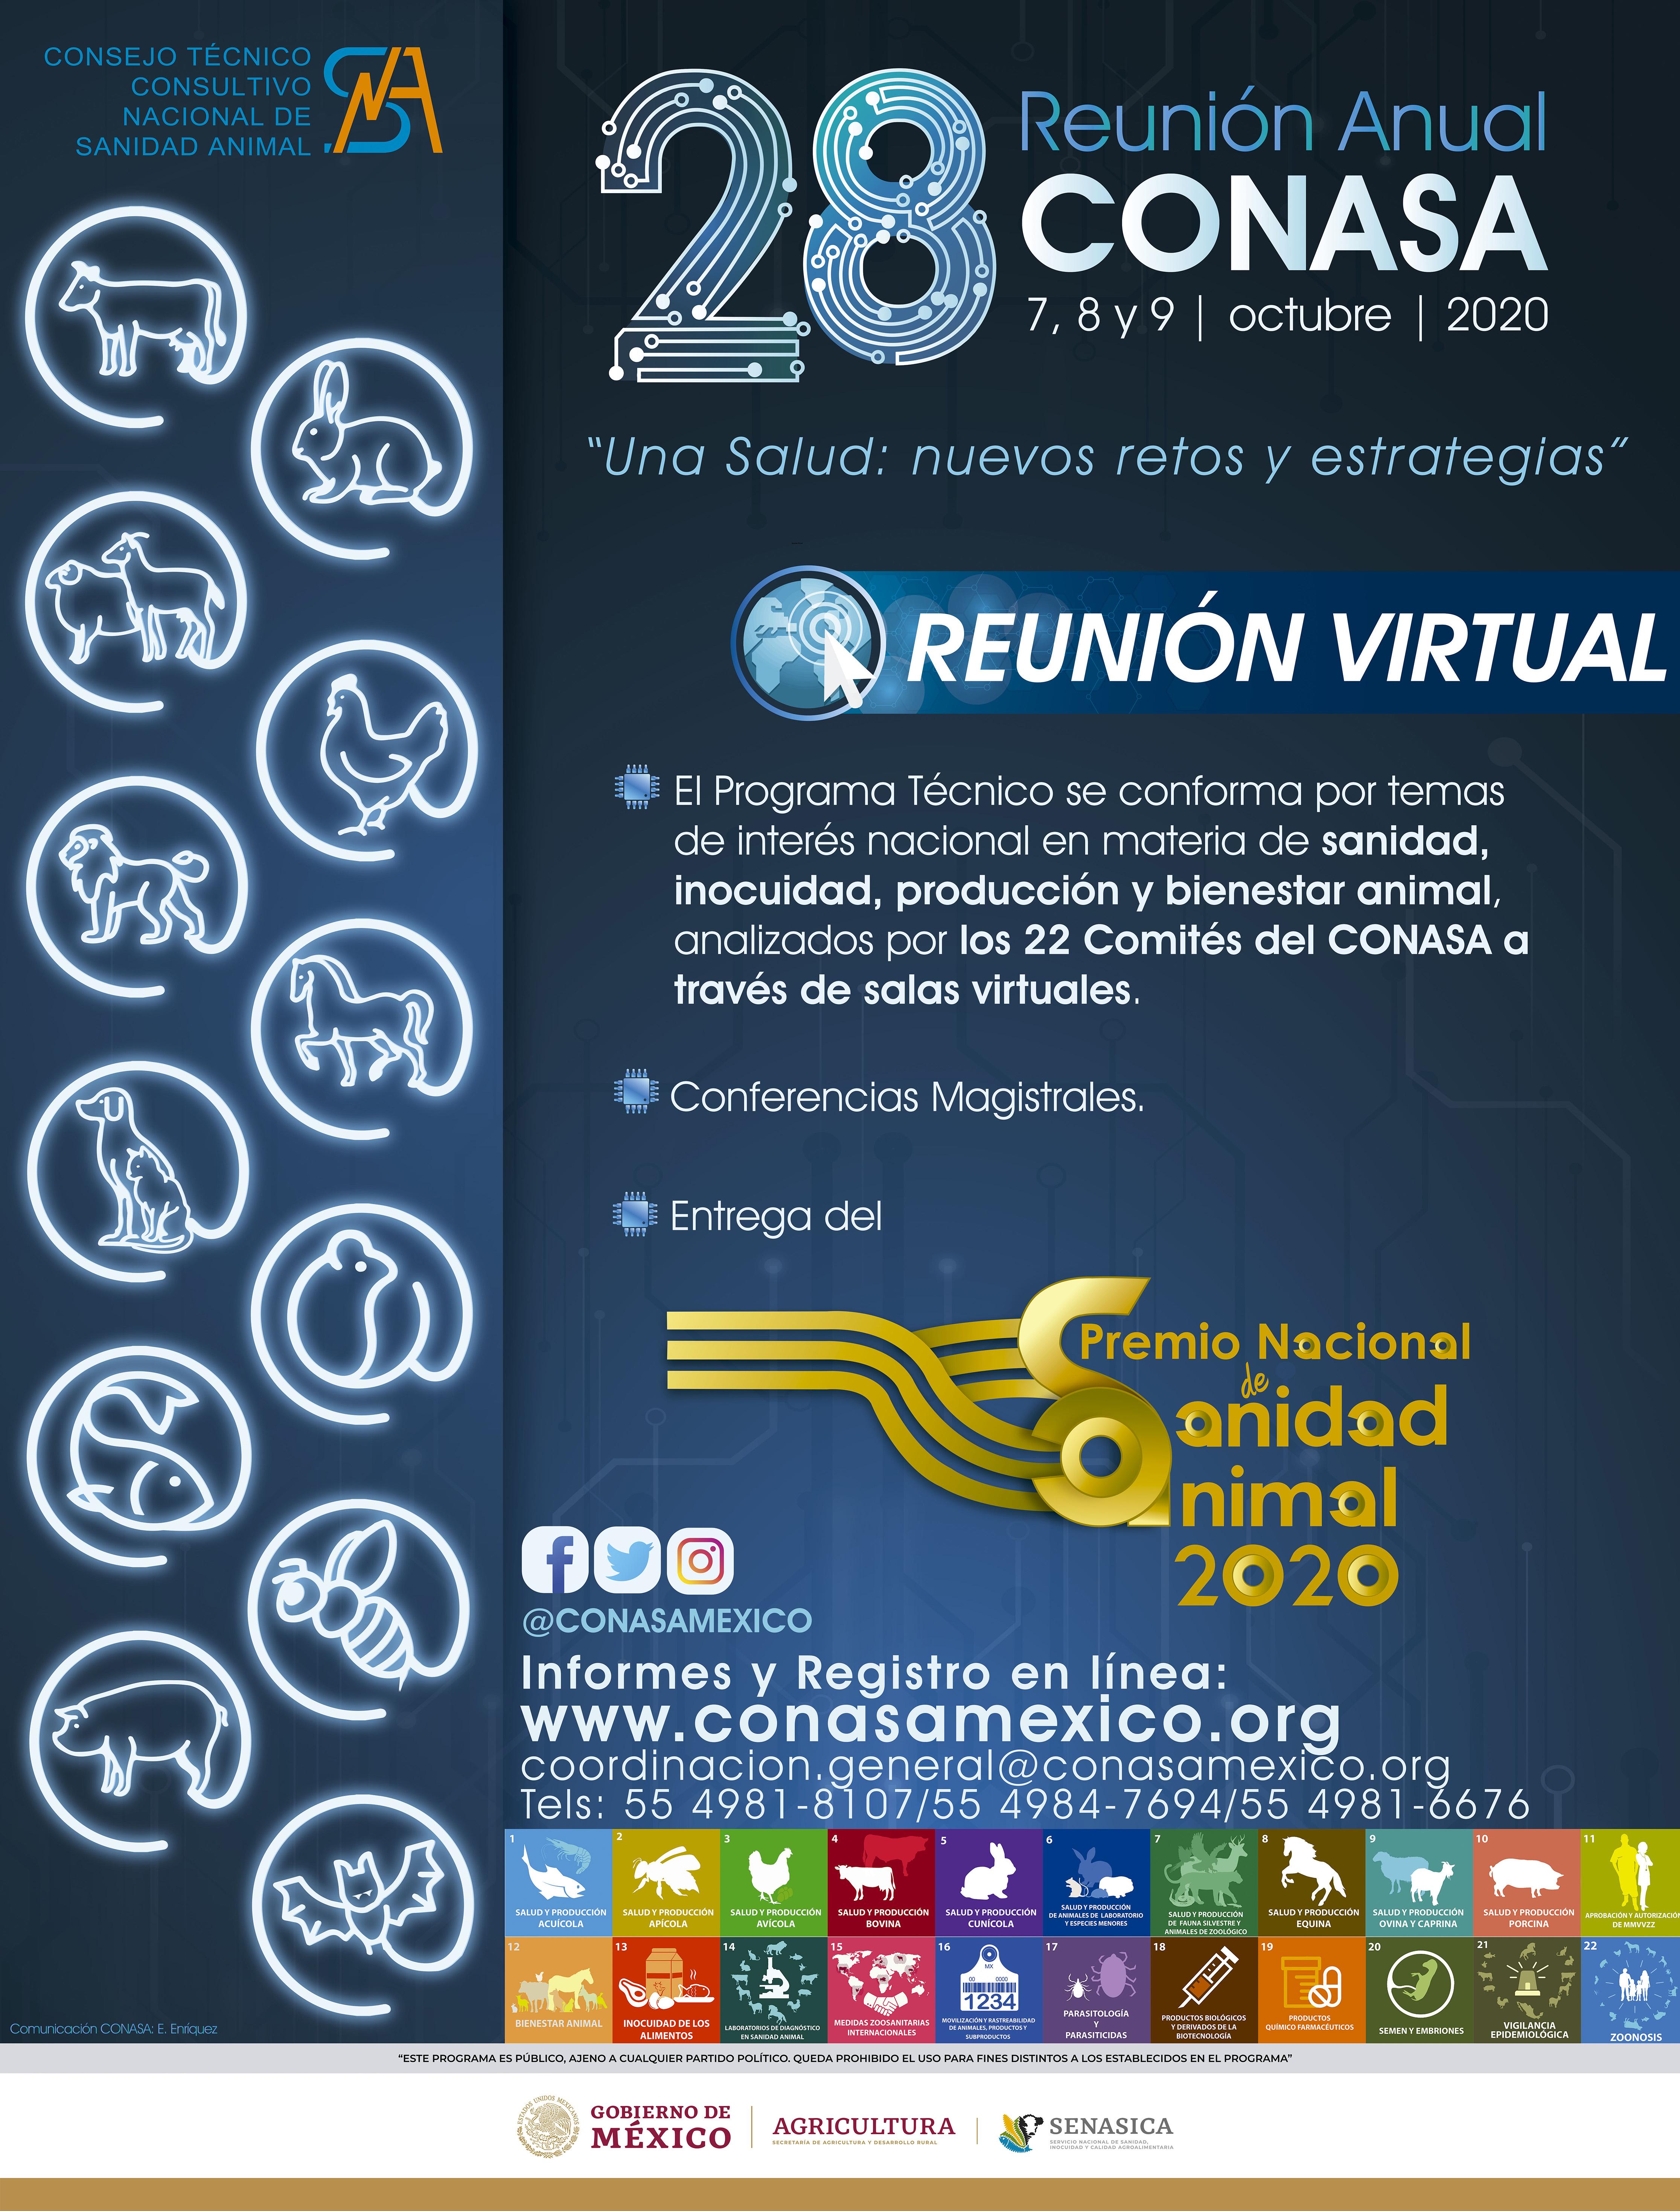 Póster OFF_28ª Reunión Anual CONASA_ D_H